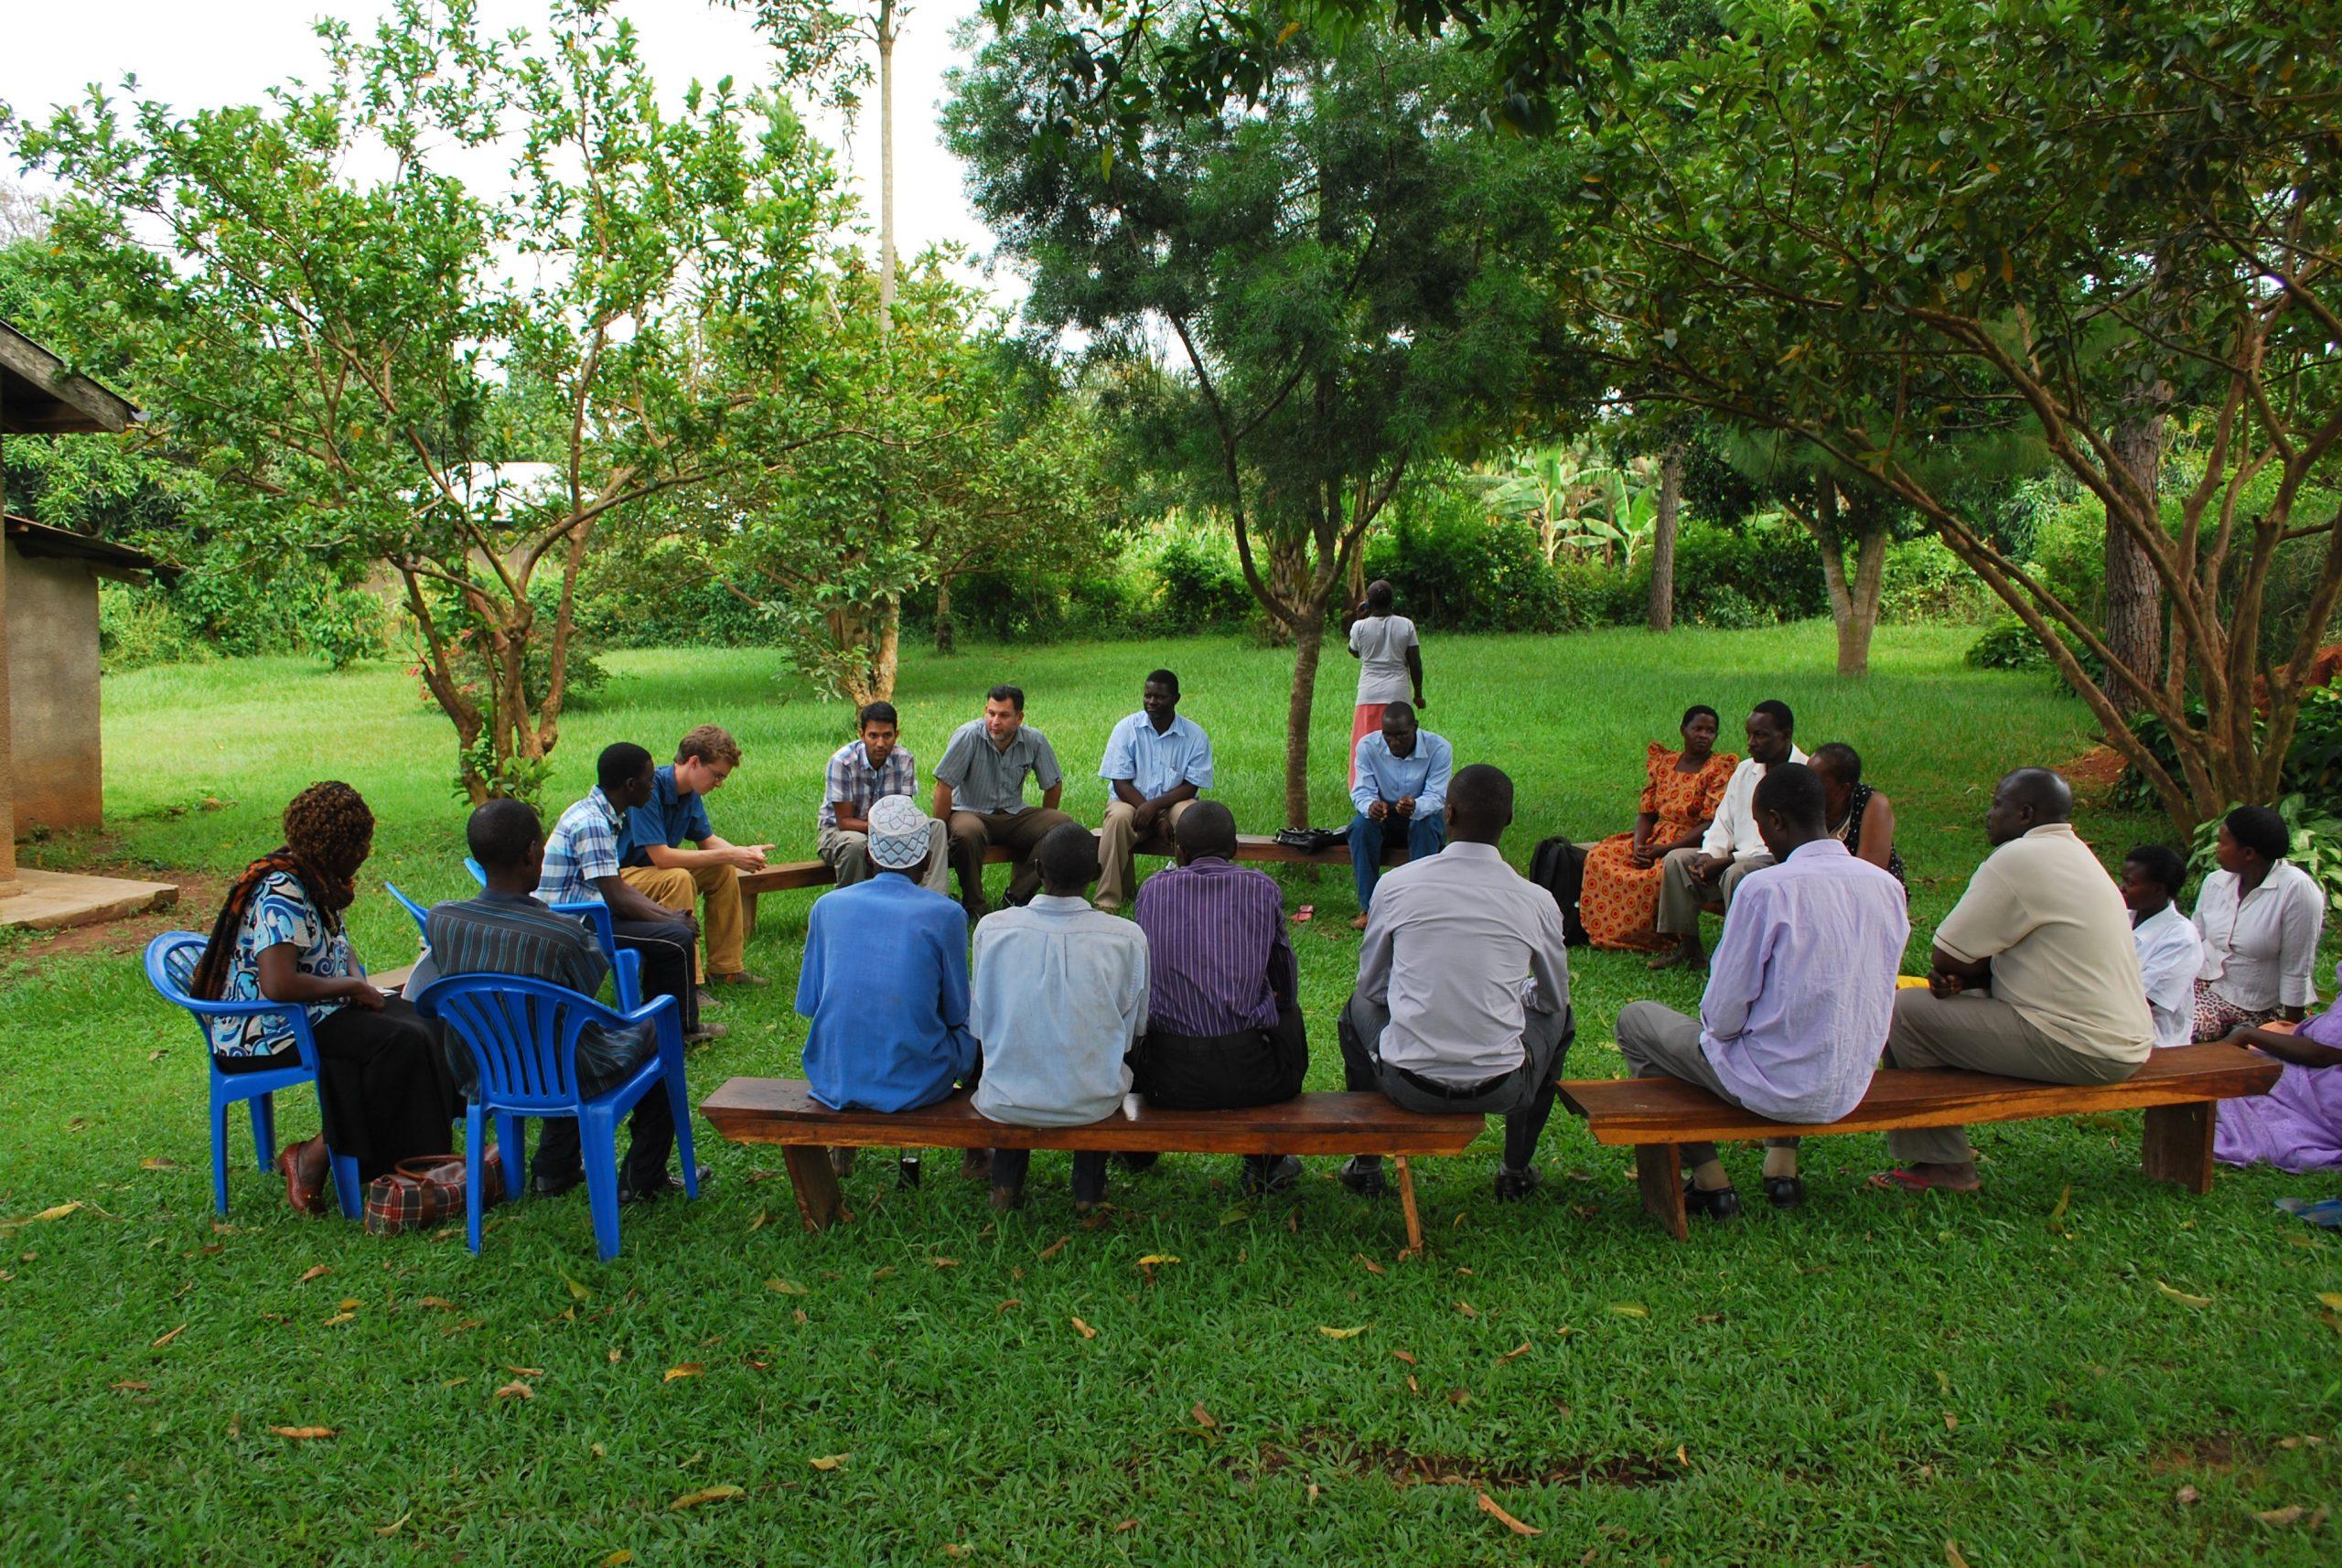 Conducting research in Uganda